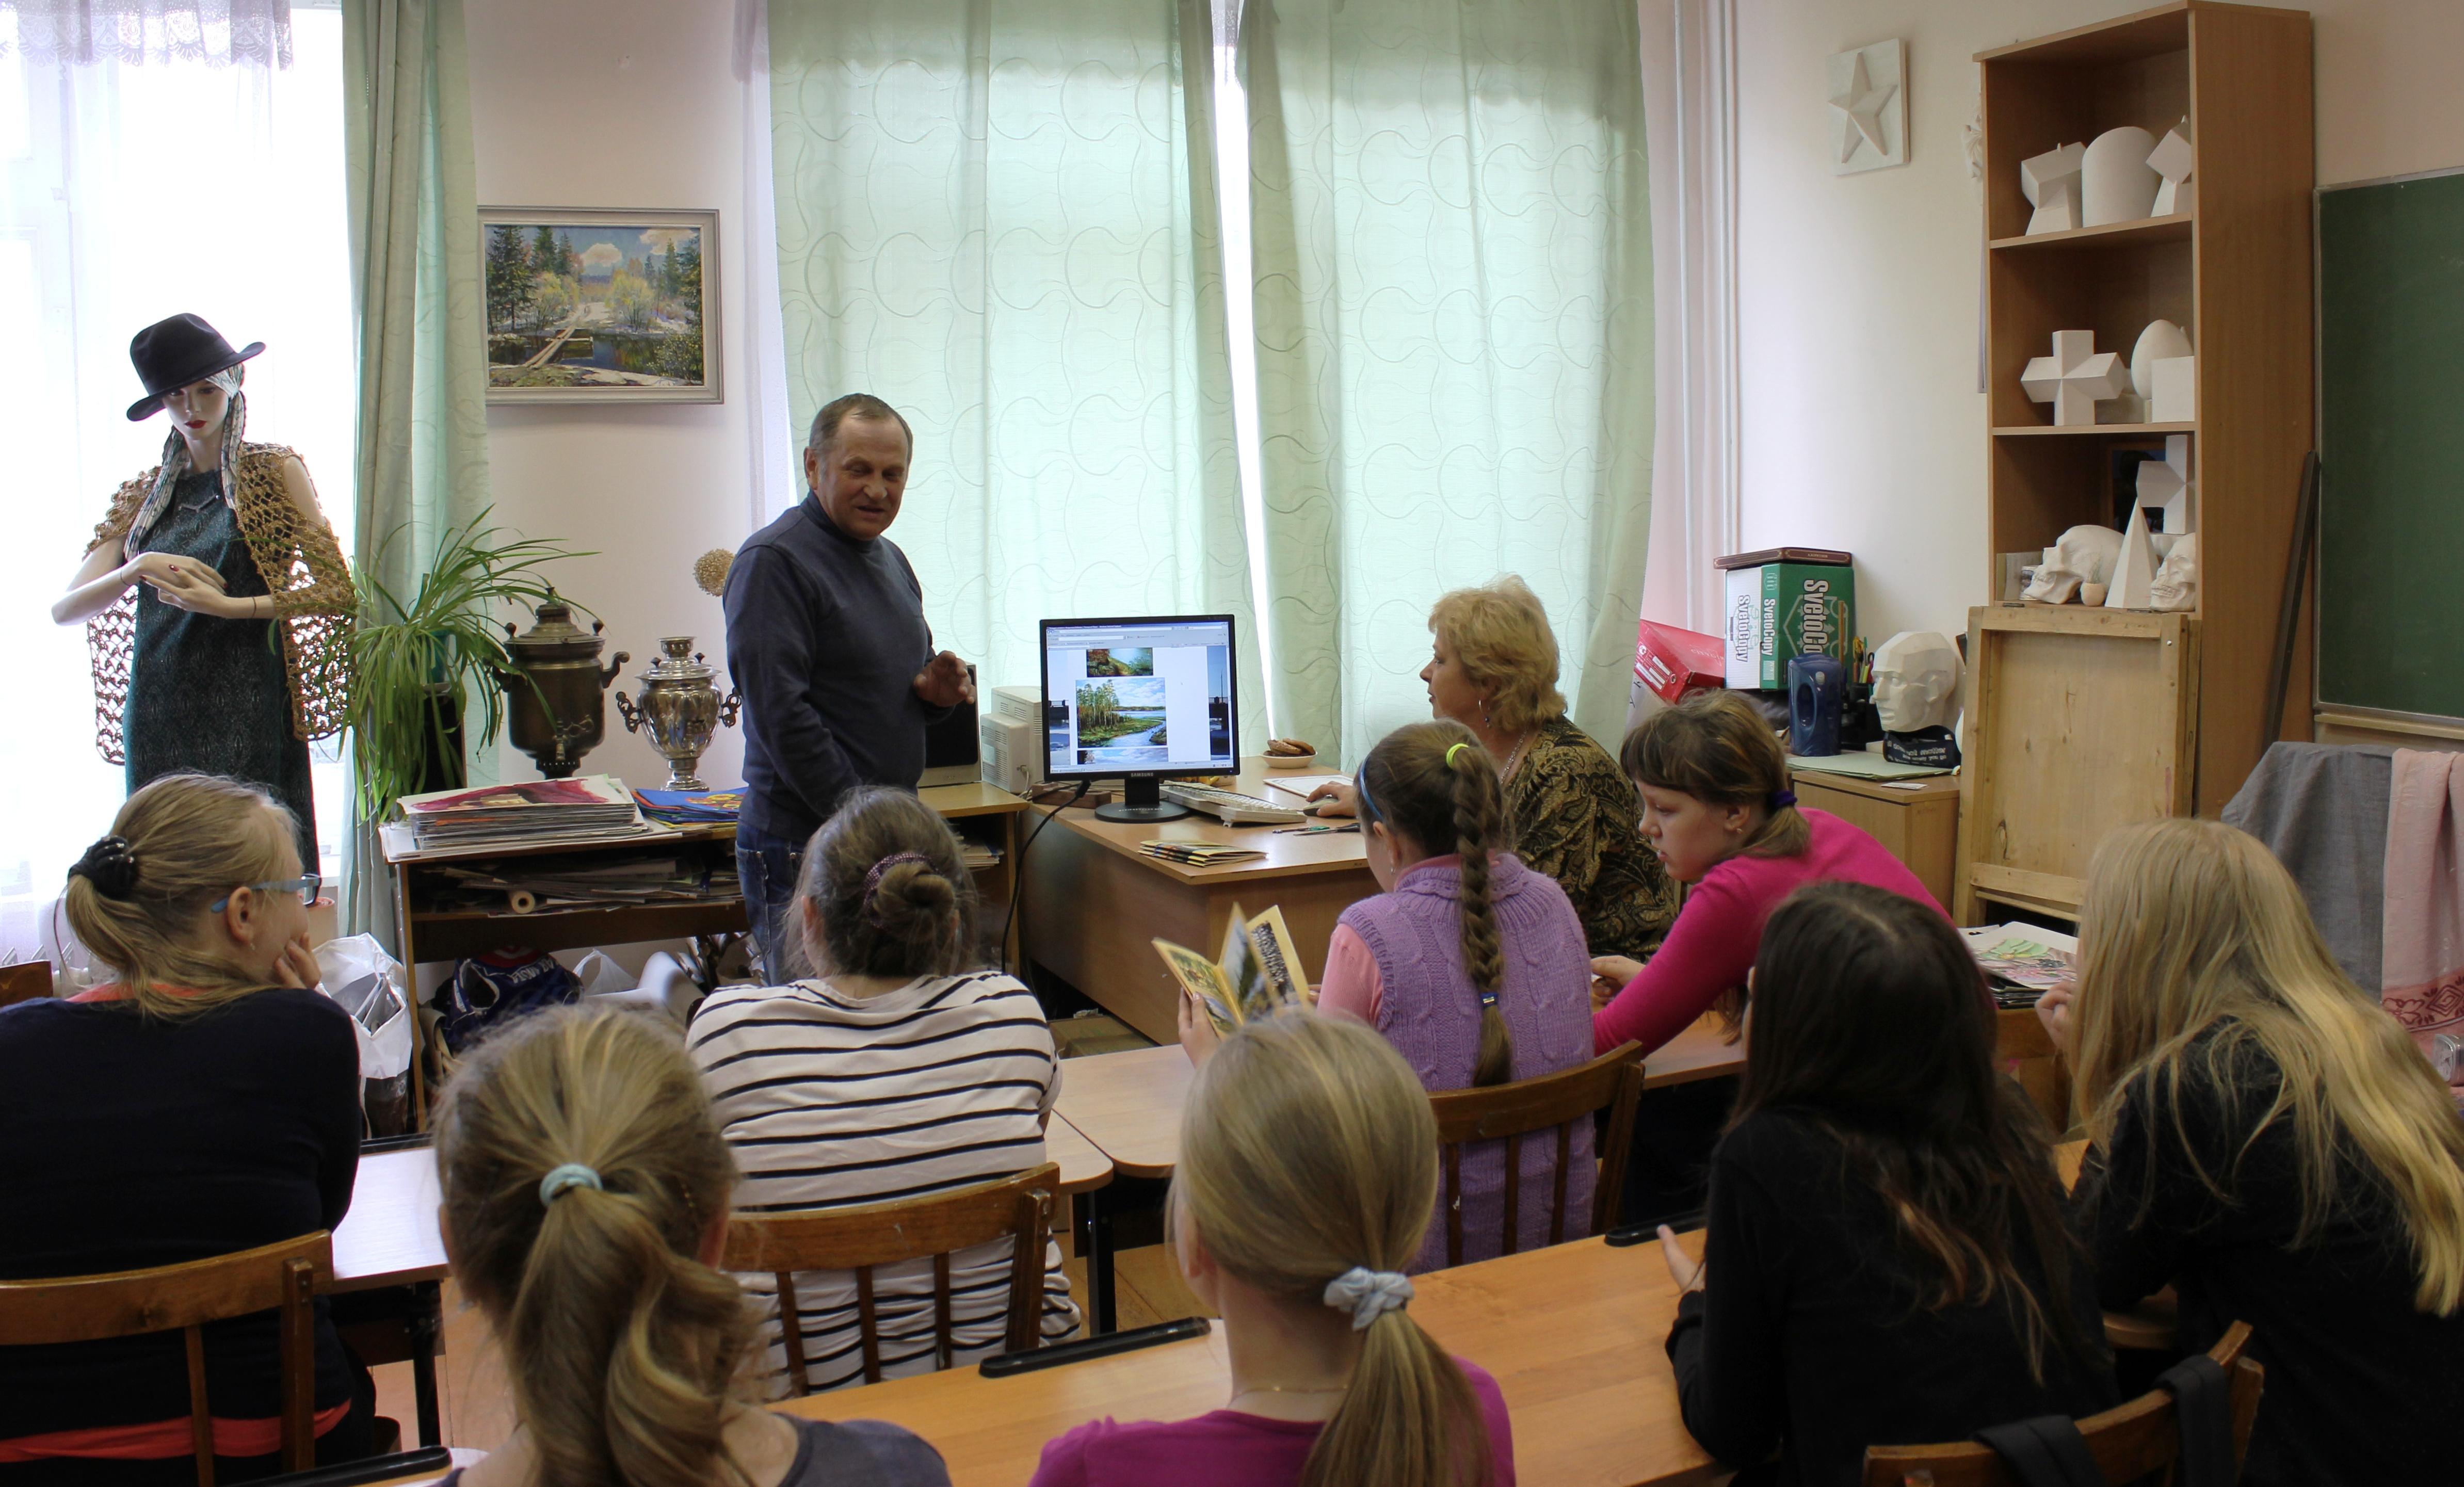 Творческая встреча В. Кобоева с учащимися Петроз. детской школы искусств. 28 мая 2014 г. Фото М. Июдиной (13)